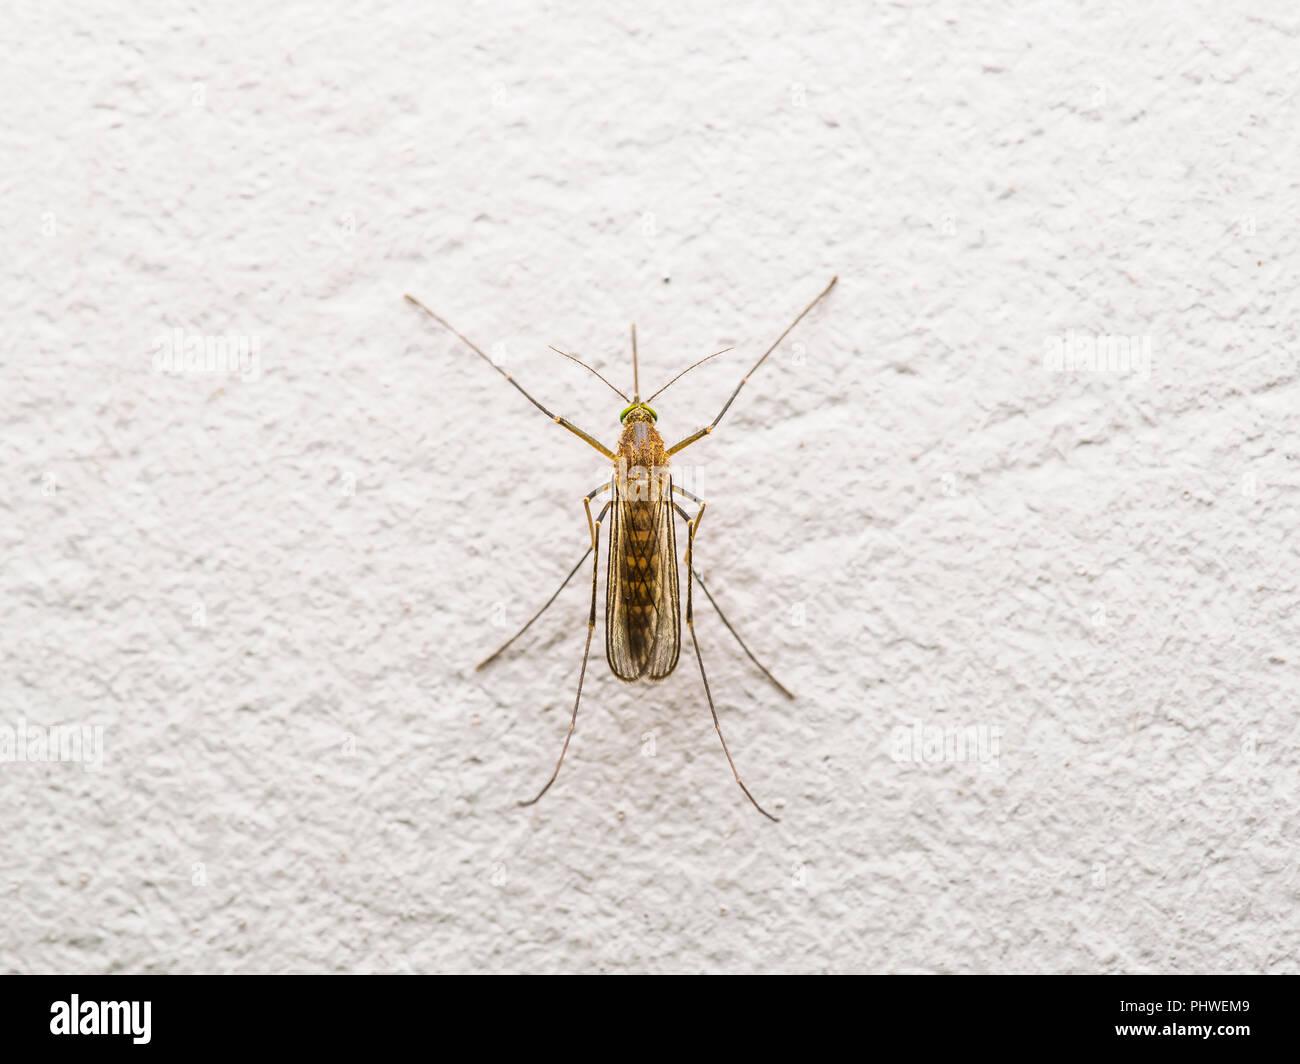 Gelbfieber, Malaria oder Zika Virus infizierten Mücke Insekt auf Wand Stockbild